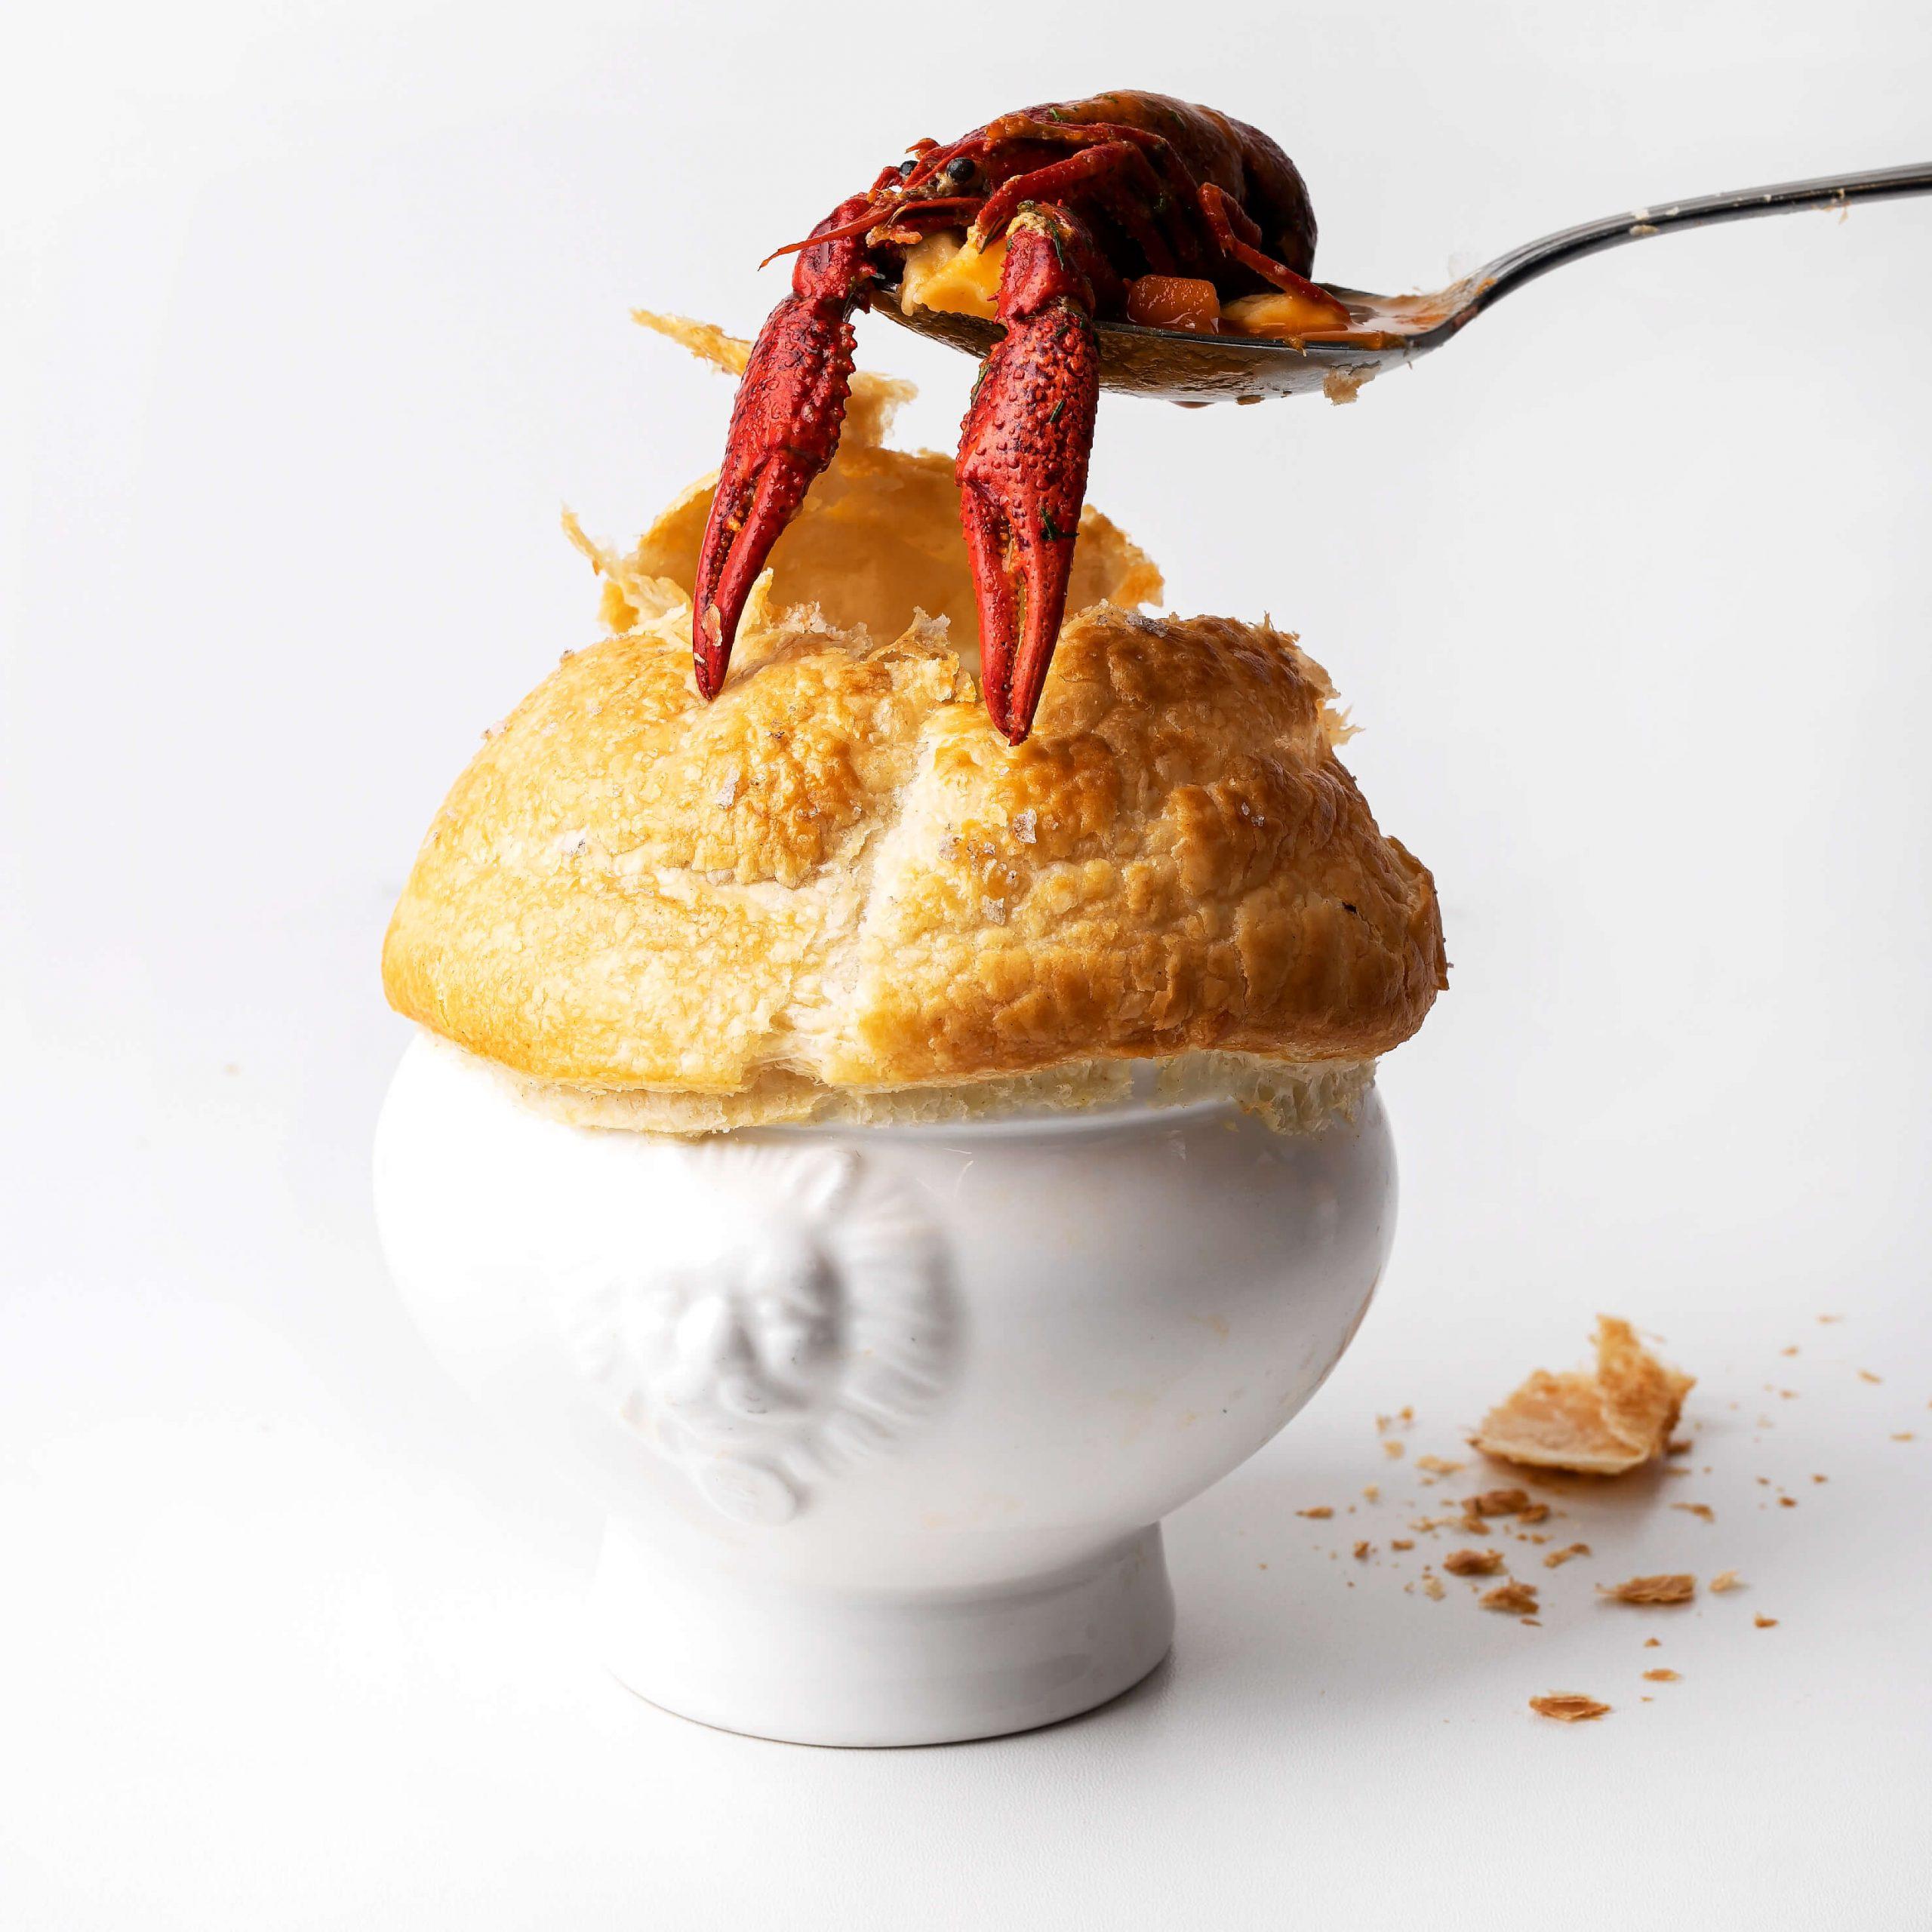 zupa rakowa fot. Joanna Ogorek 2 scaled - Świętujmy razem Dzień Turystyki Kulinarnej 18.04